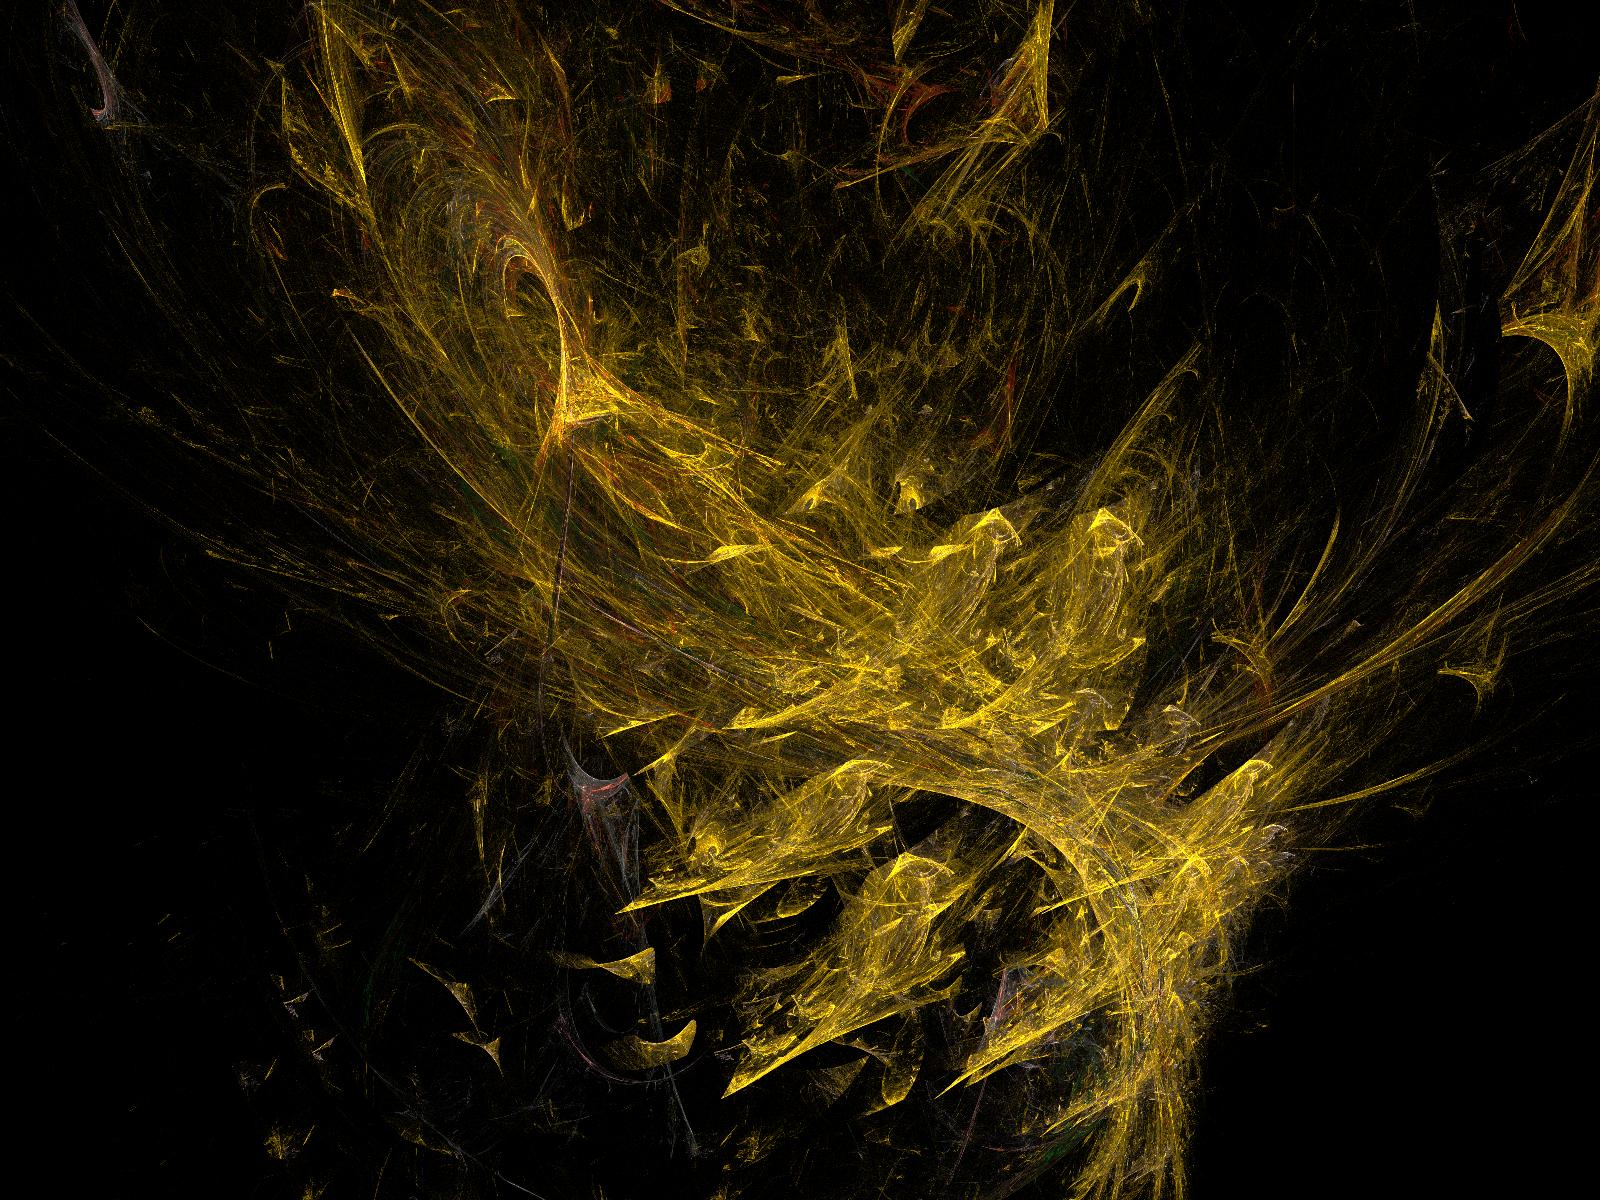 Gold and Black Wallpaper  WallpaperSafari